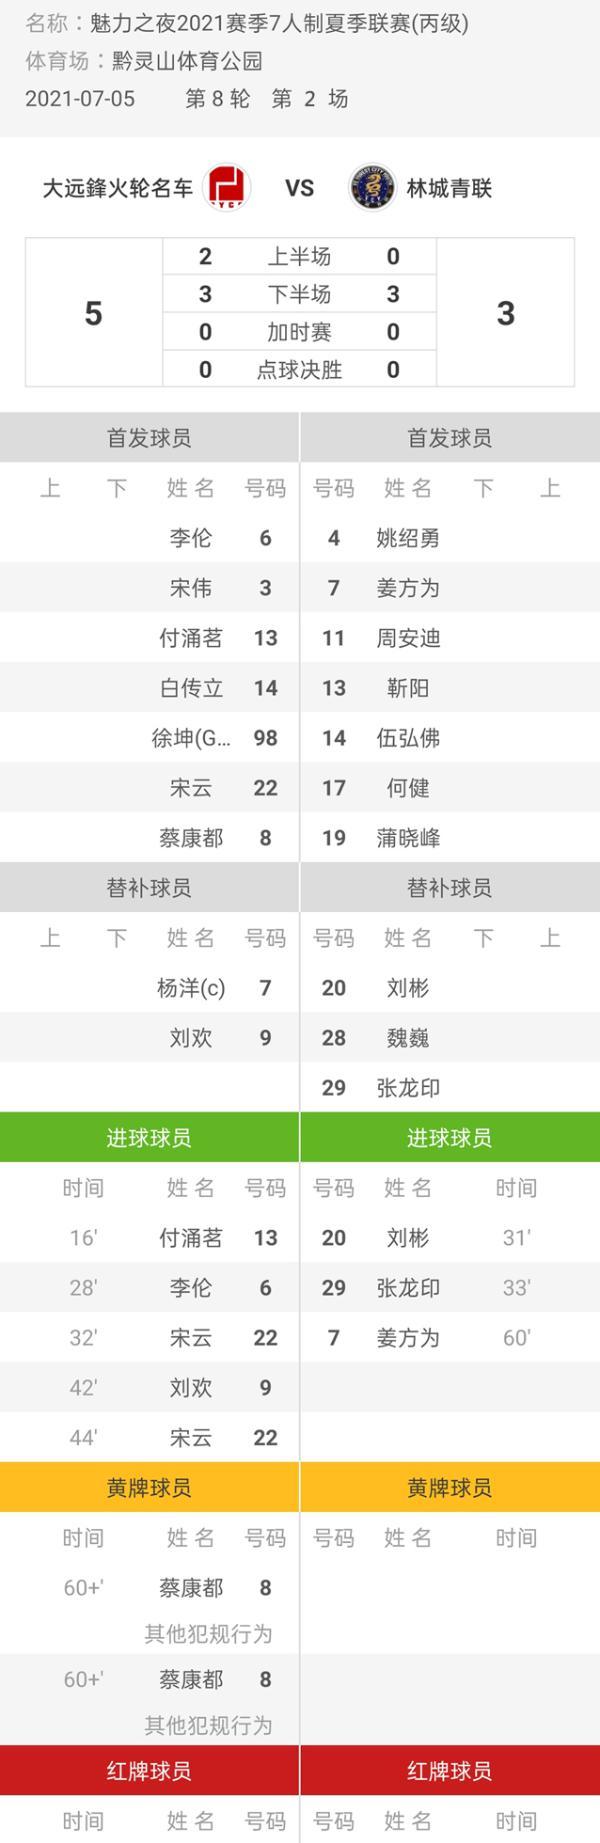 魅力之夜2021赛季7人制足球夏季联赛 鋒火轮名车5-3林城青联